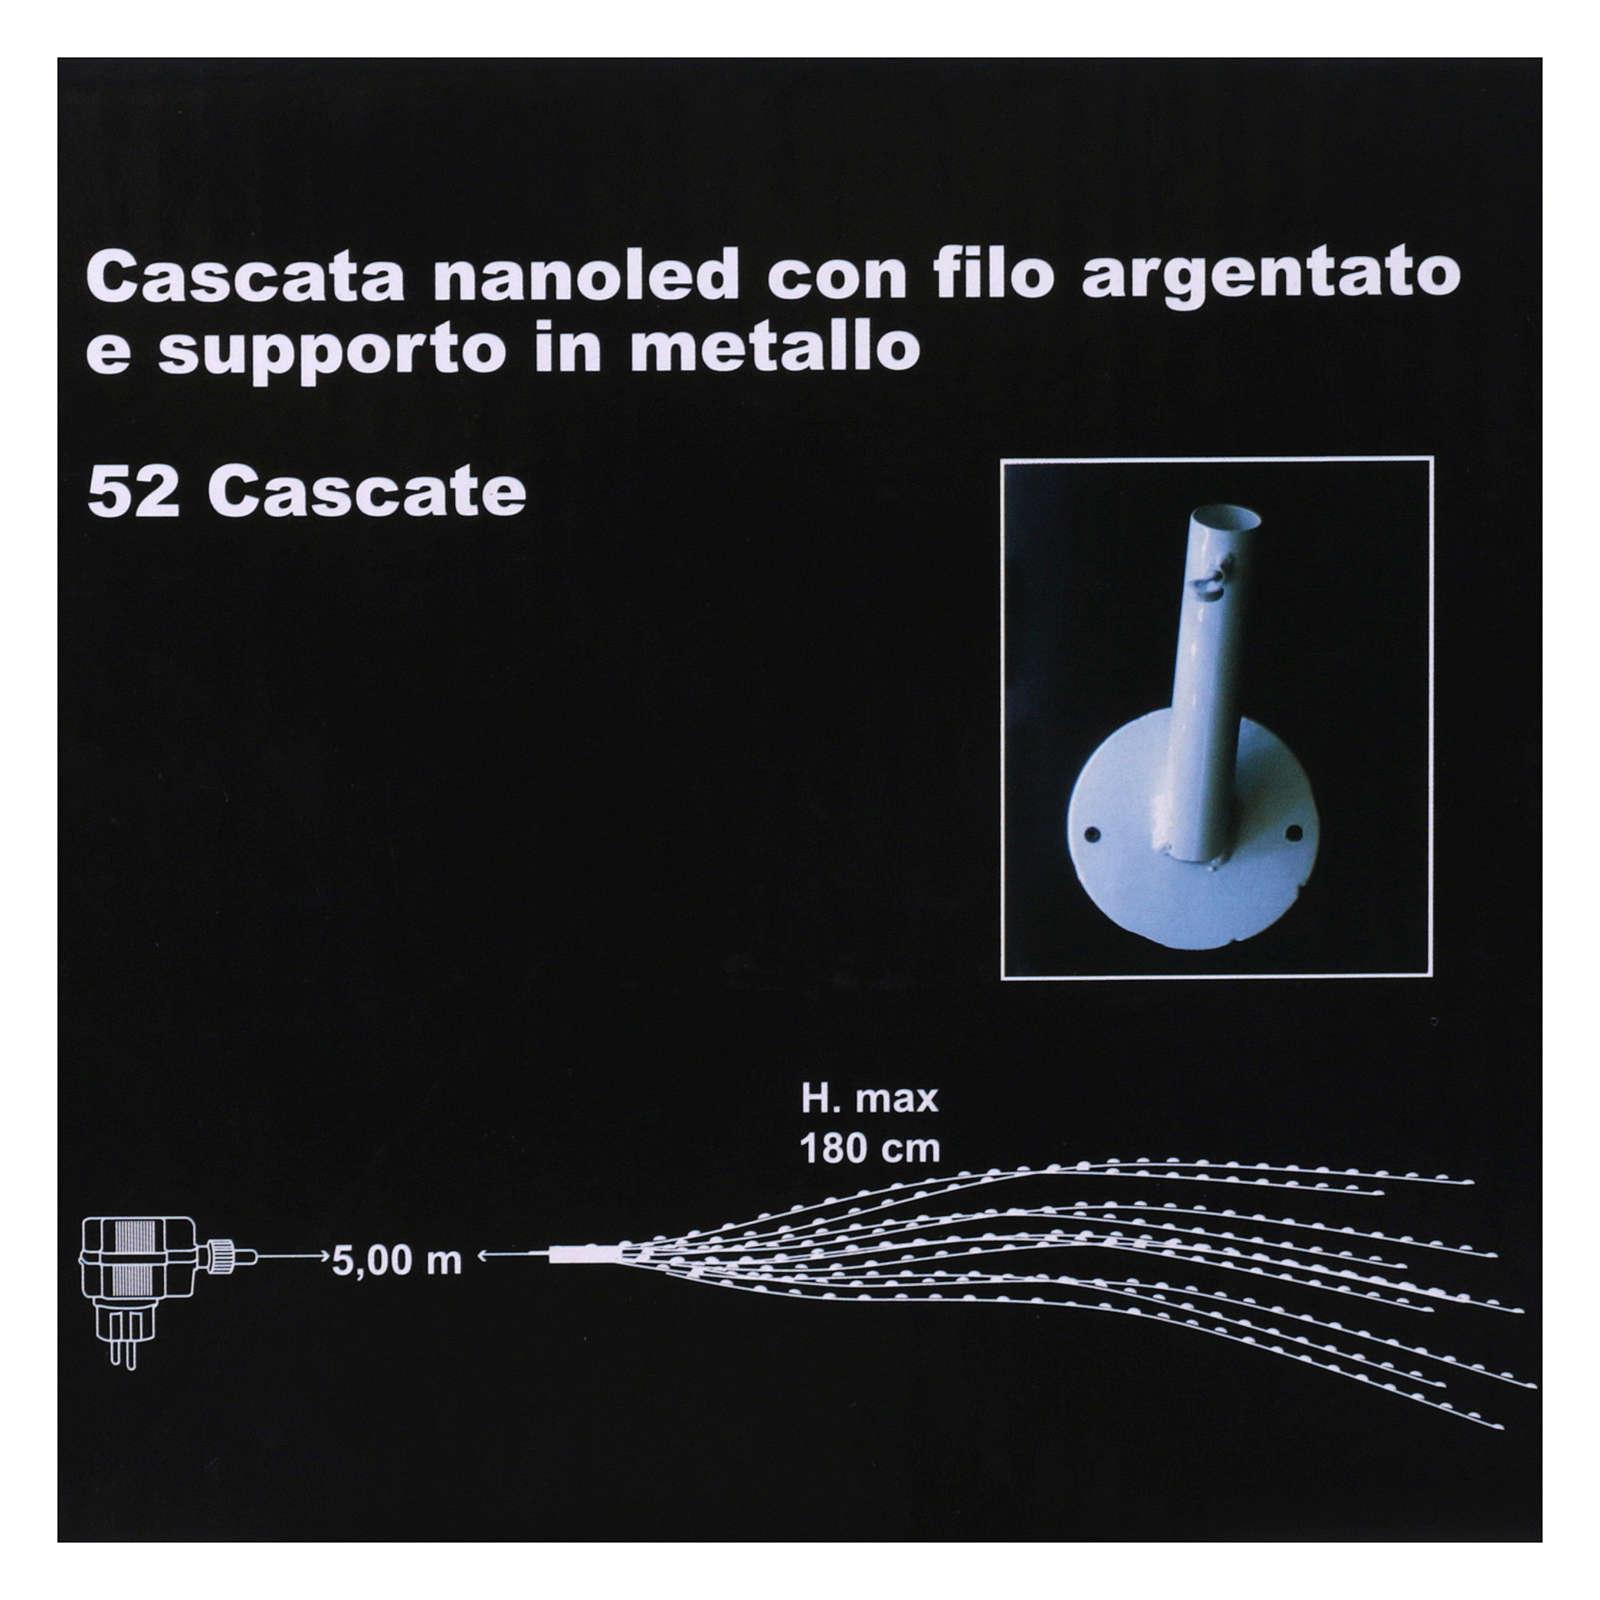 Luce Cascata 1530 nanoled Ghiaccio interno esterno 3